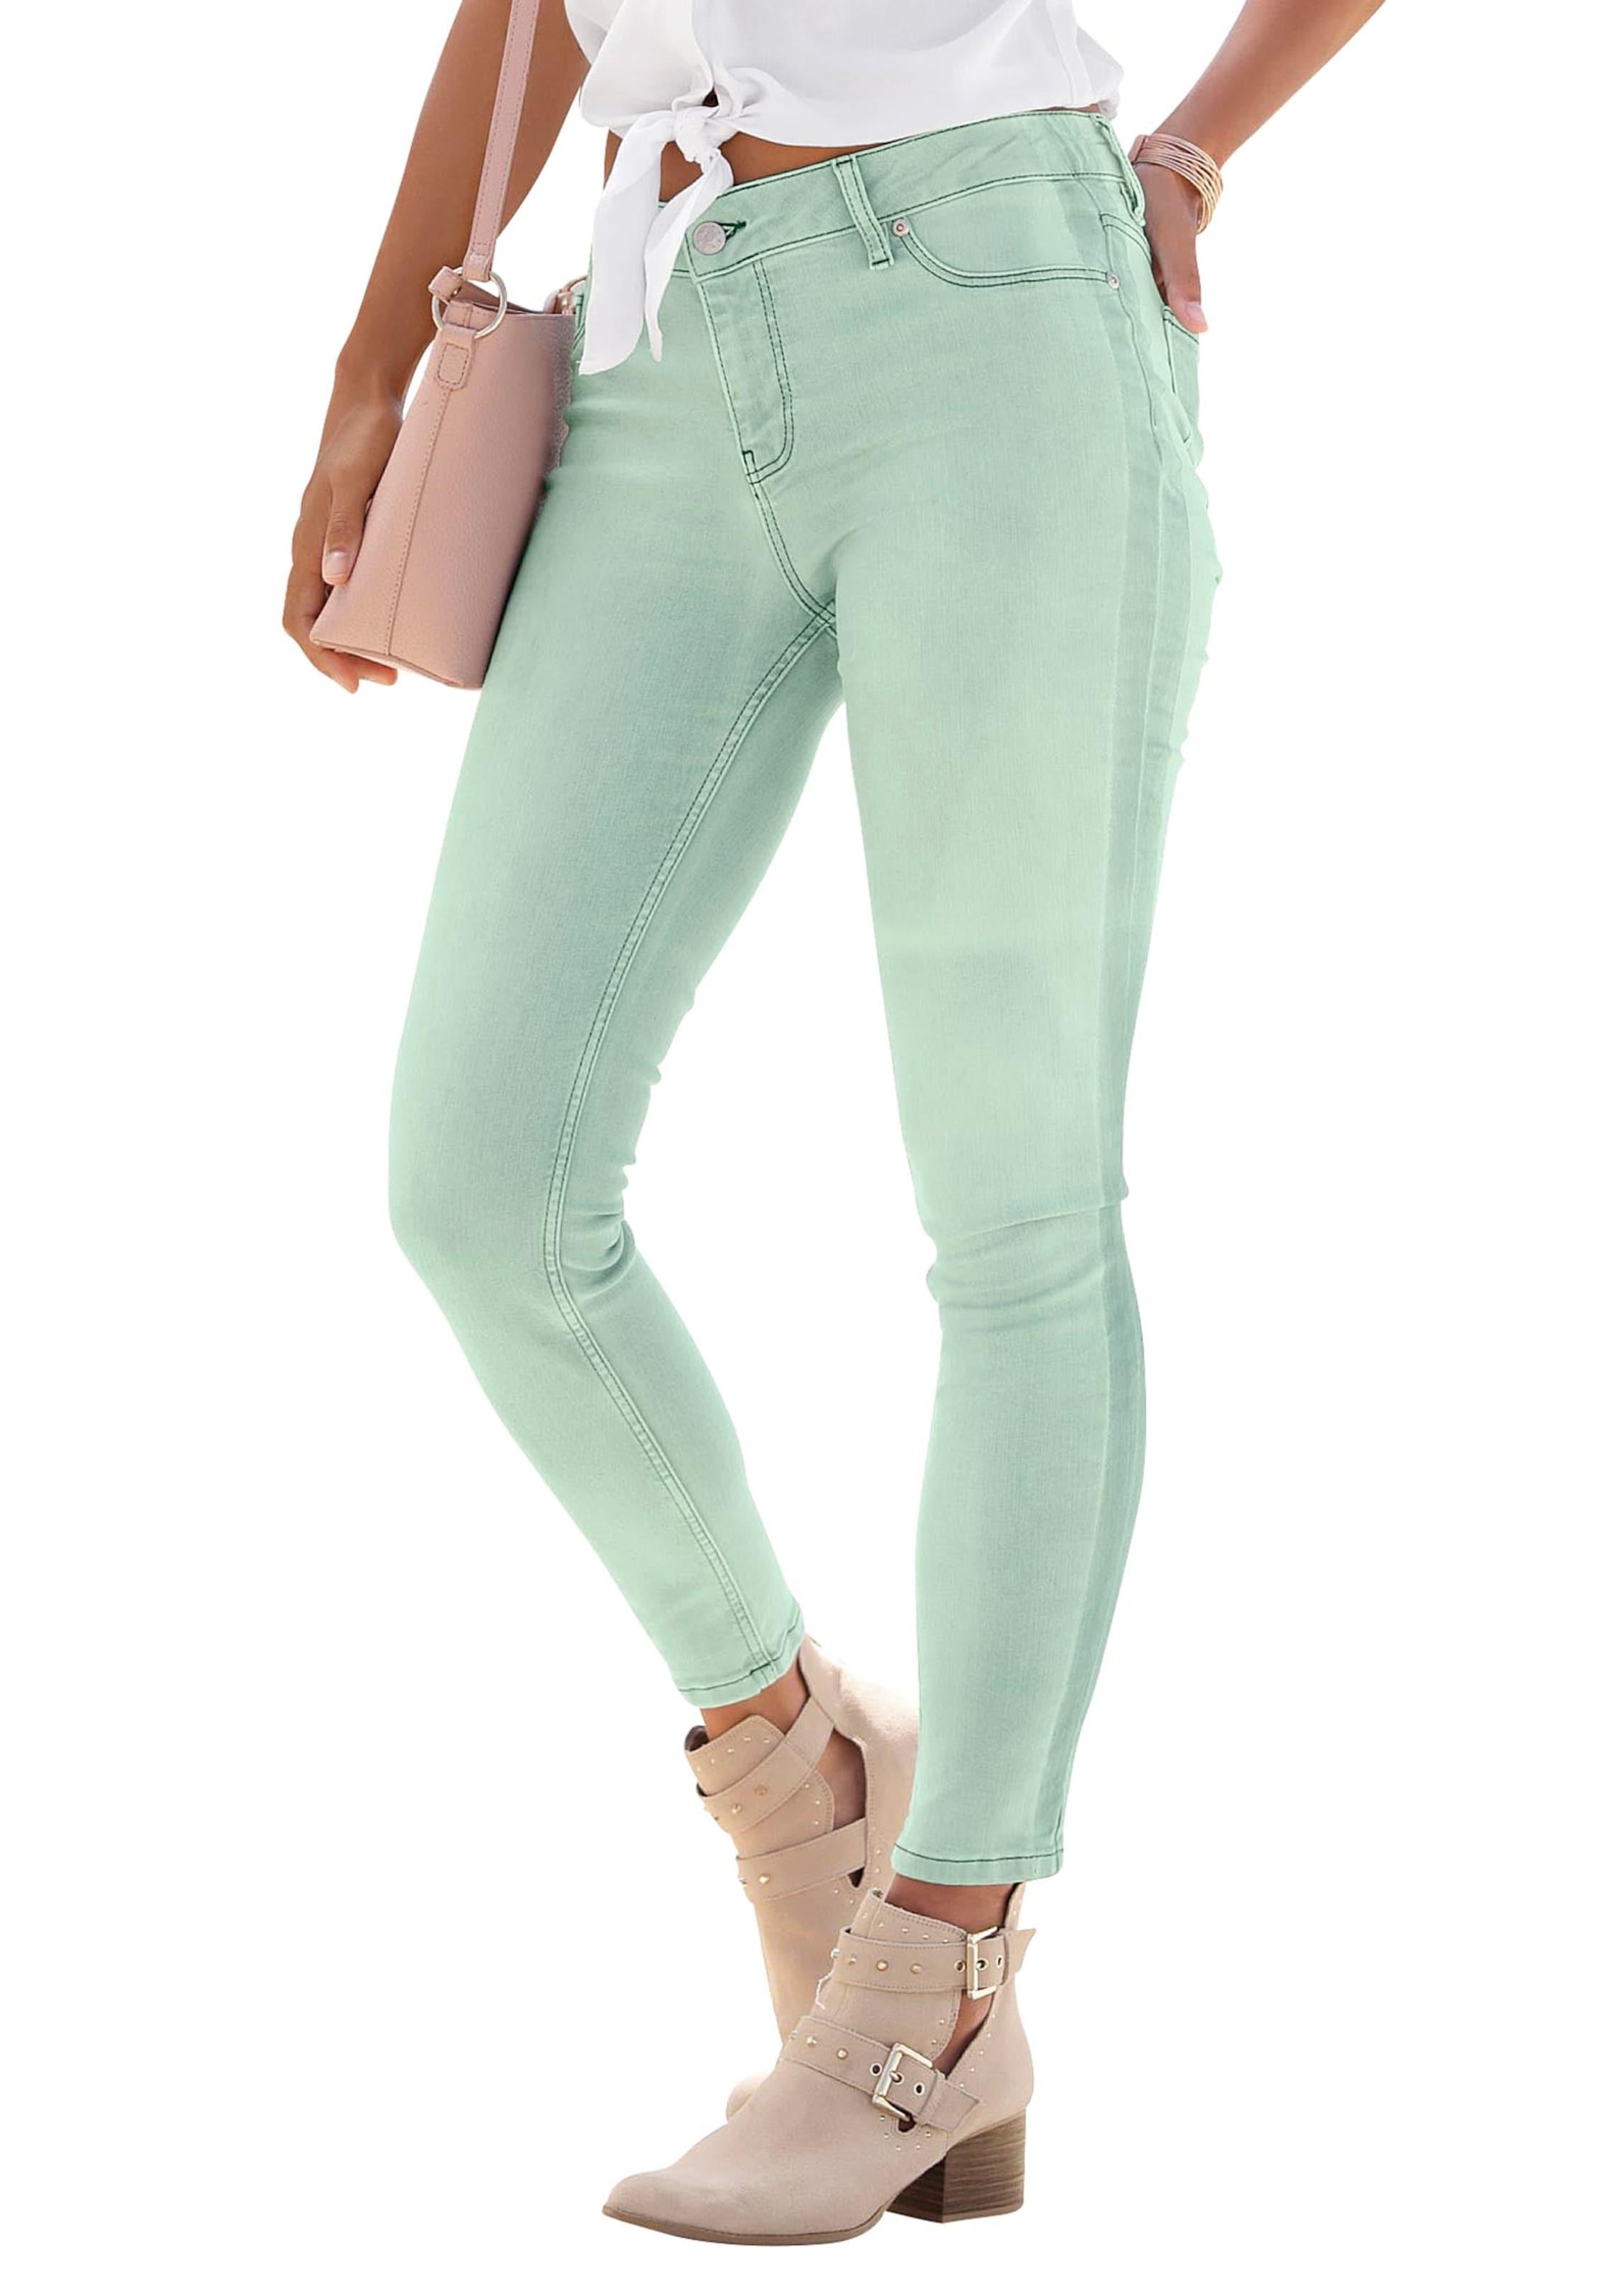 buffalo - Witt Weiden Damen Skinny-fit-Jeans mint-washed